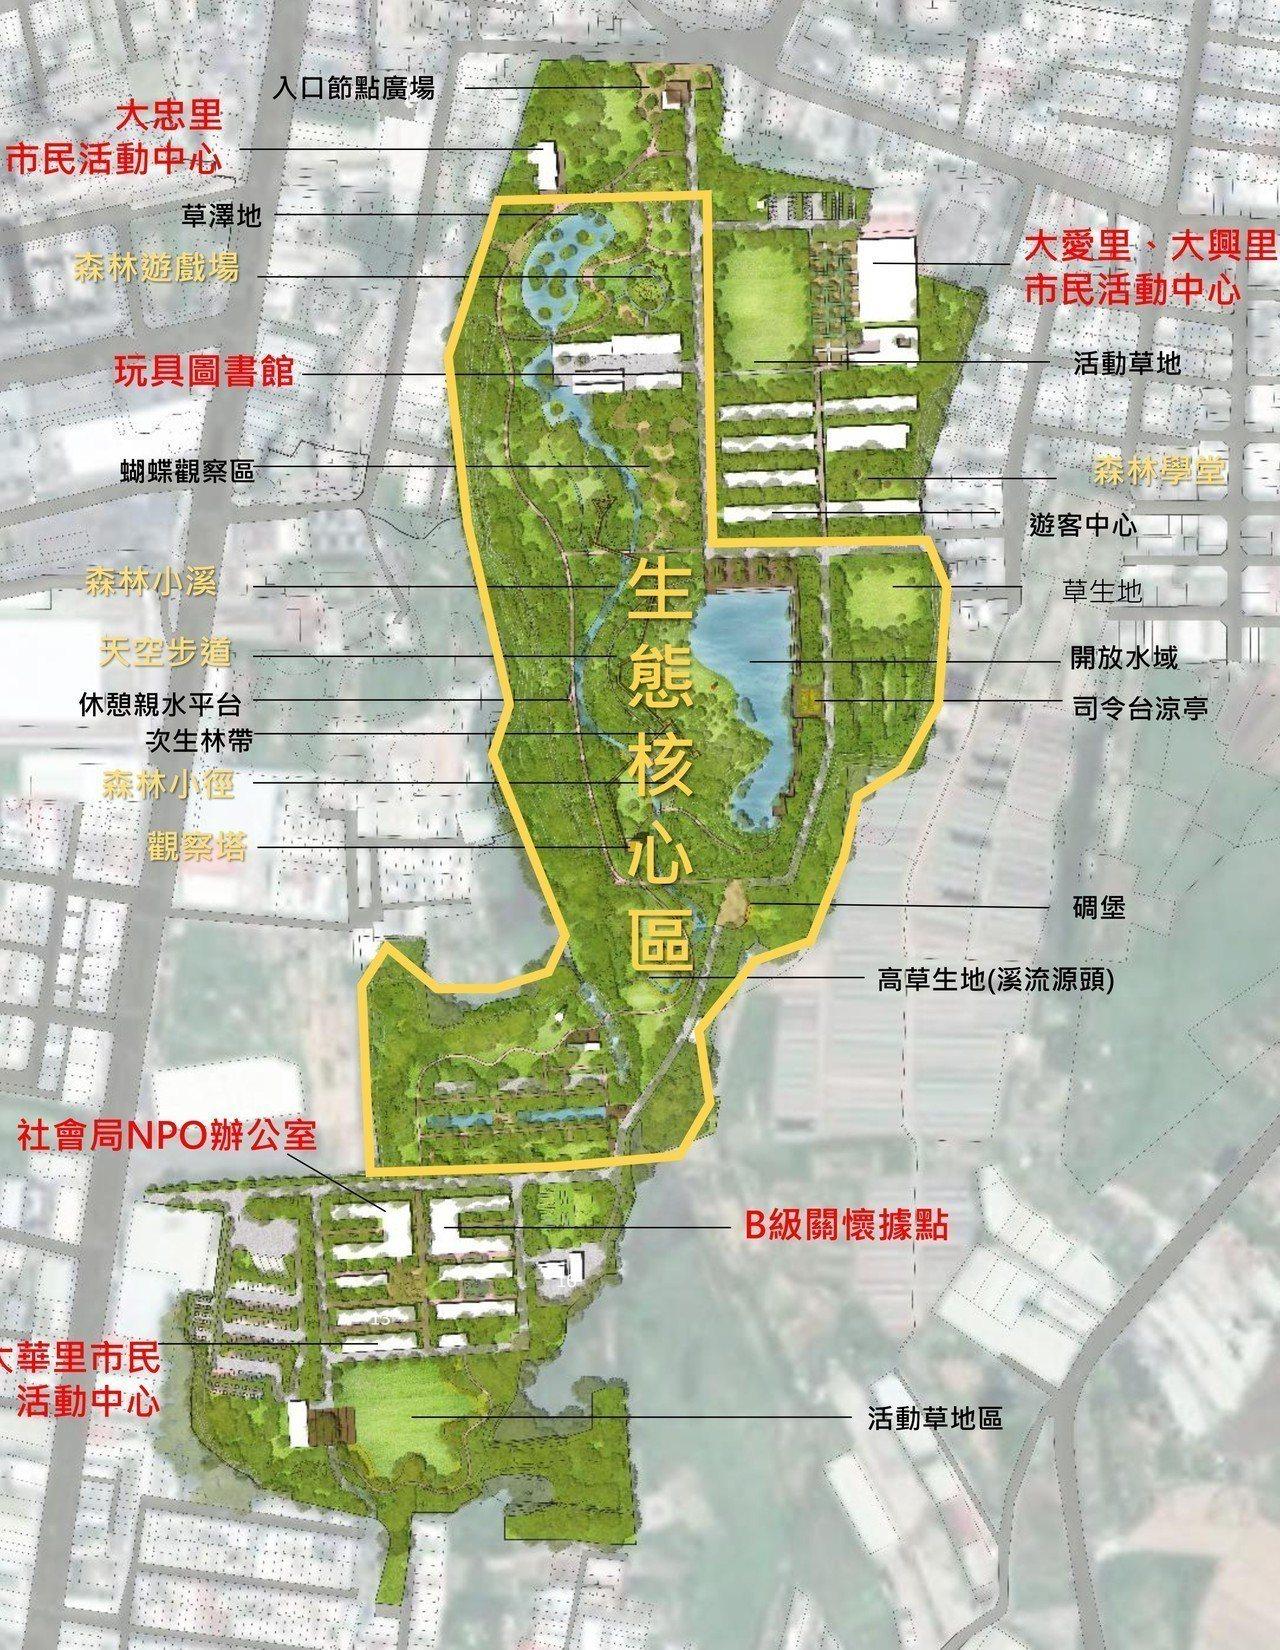 桃園市八德區大湳森林公園擁有豐富生態,中央8公頃的生態核心區,將營造生態池及自然...